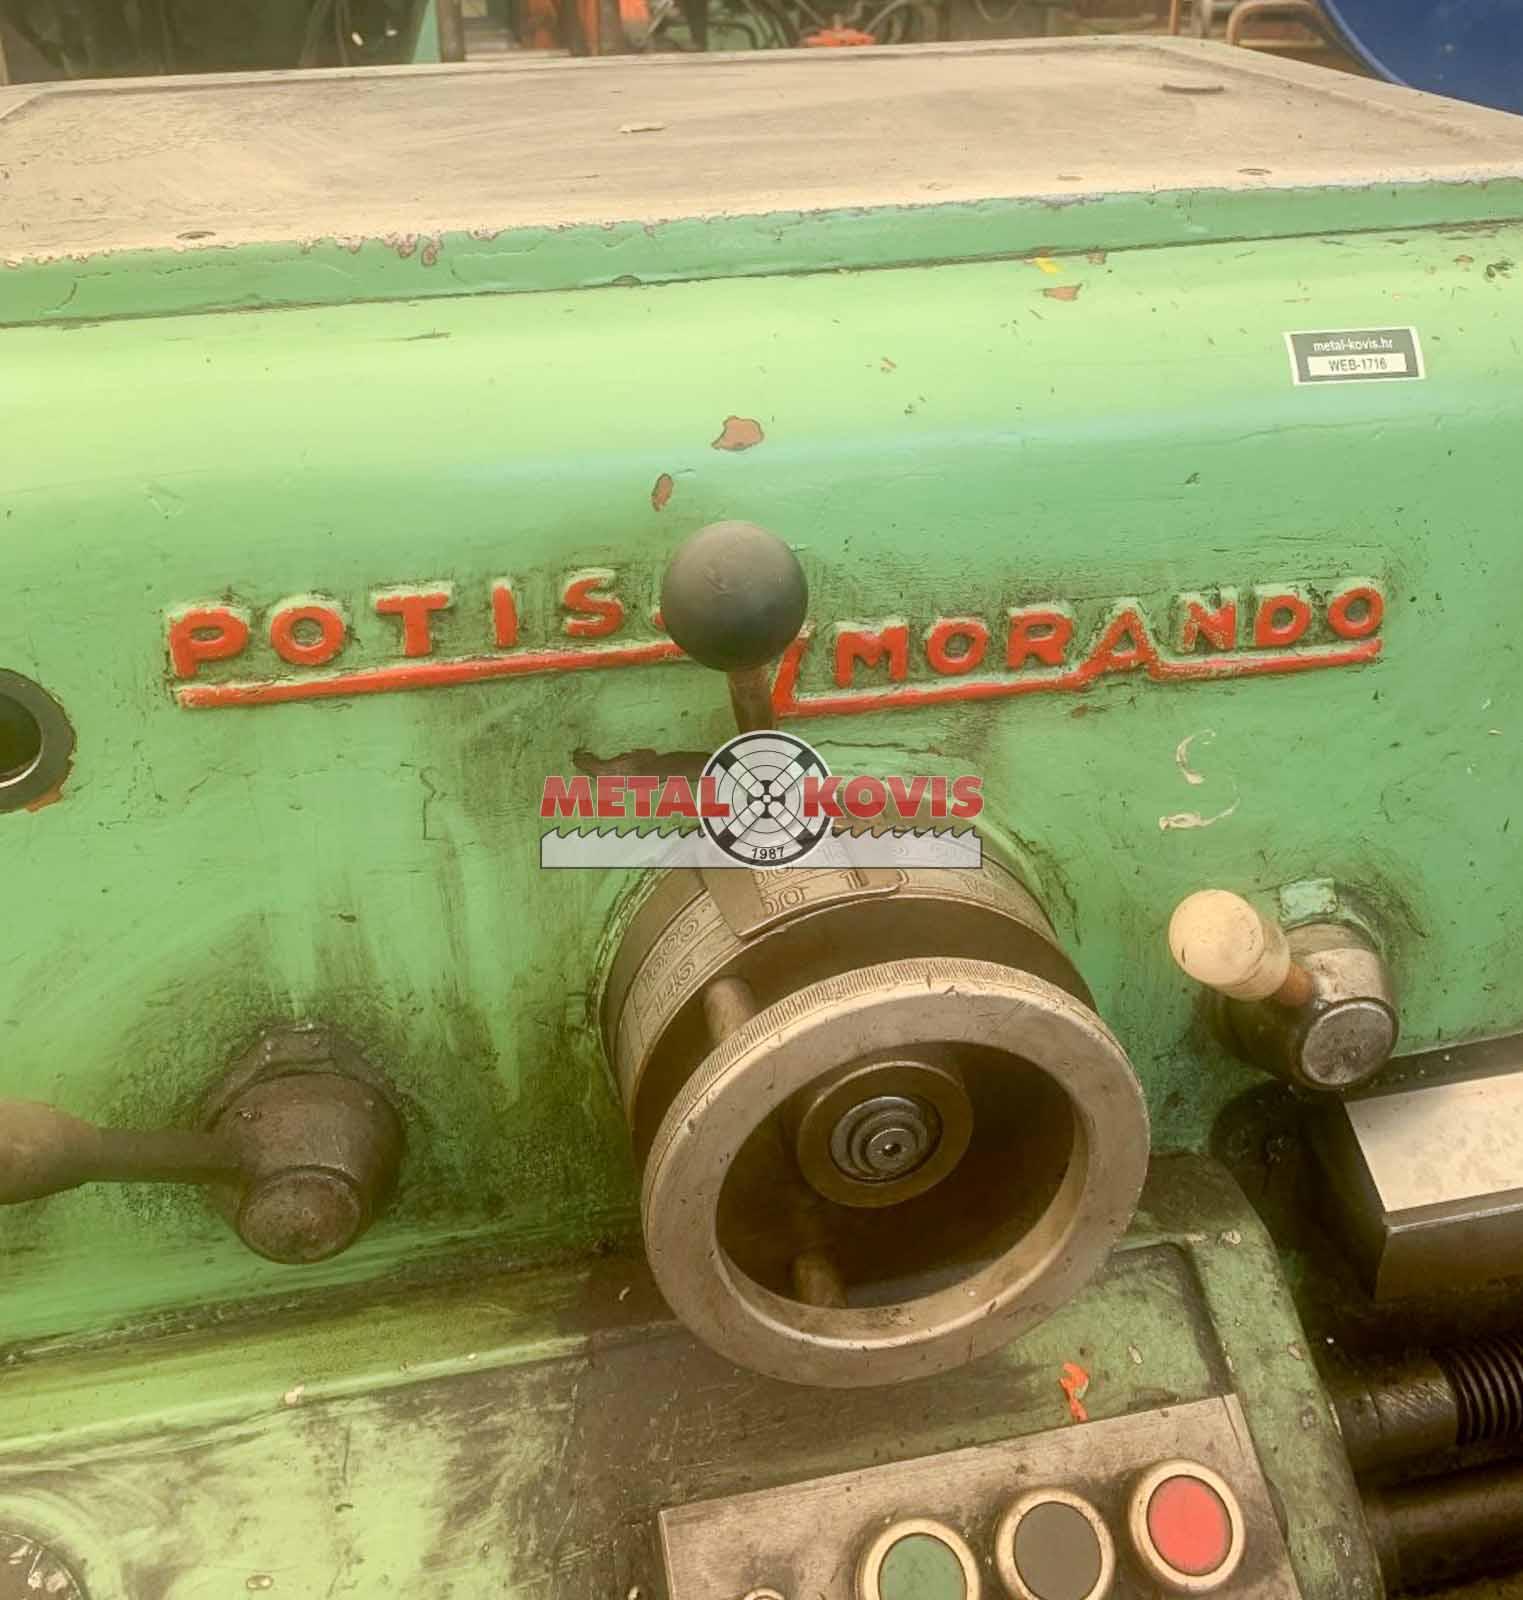 Tokarski stroj Potisje ADA Morando 500x1000 mm